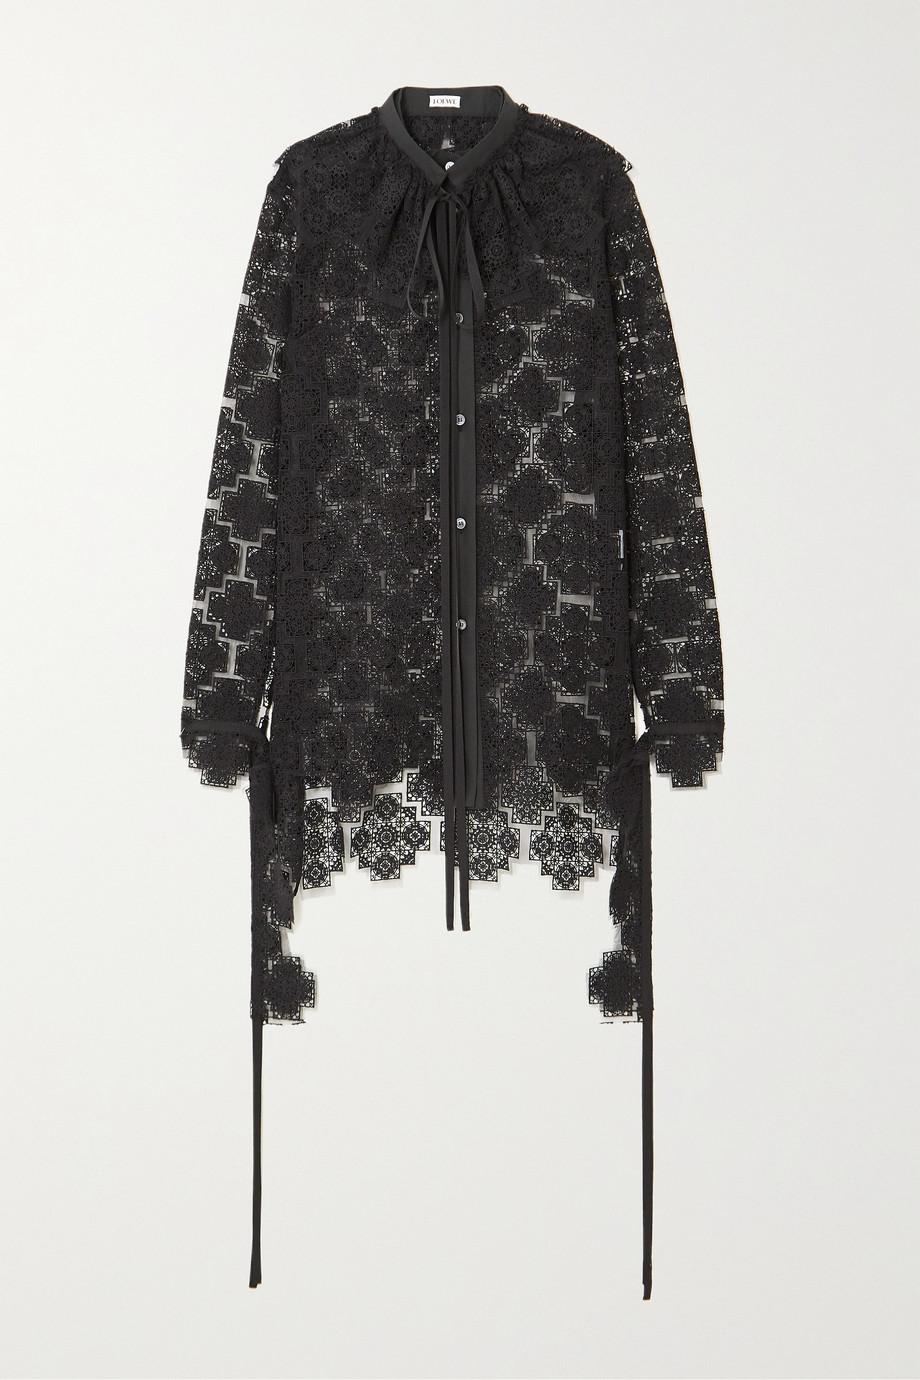 Loewe Bluse aus Spitze aus einer Baumwollmischung mit Rüschen